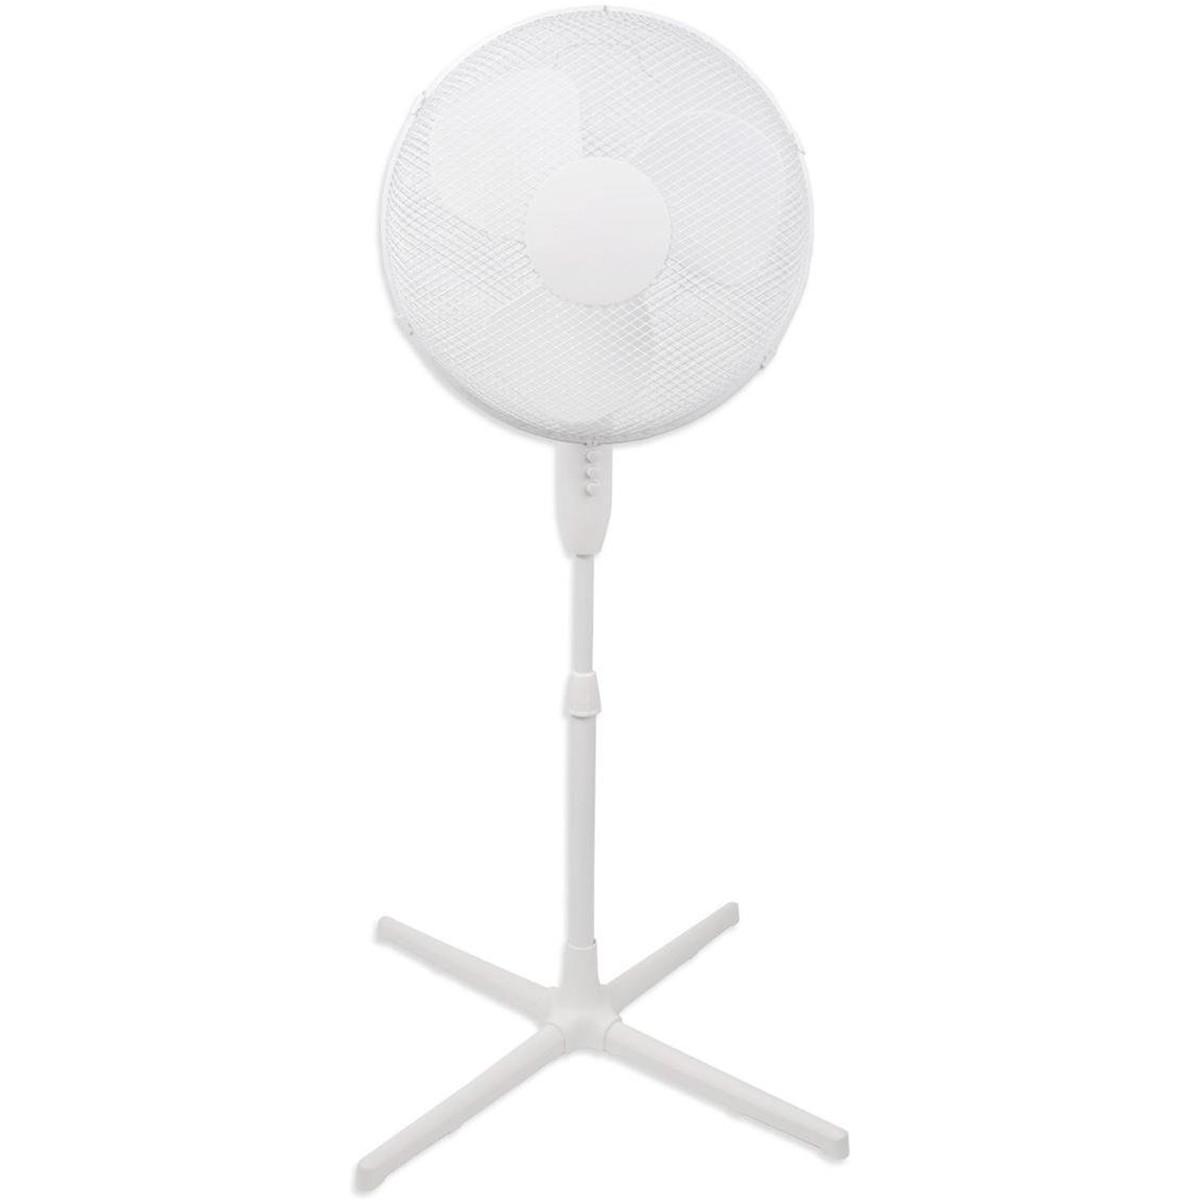 Ventilator - Aigi Siny - 40W - Statiefventilator - Staand - Rond - Wit - Aluminium